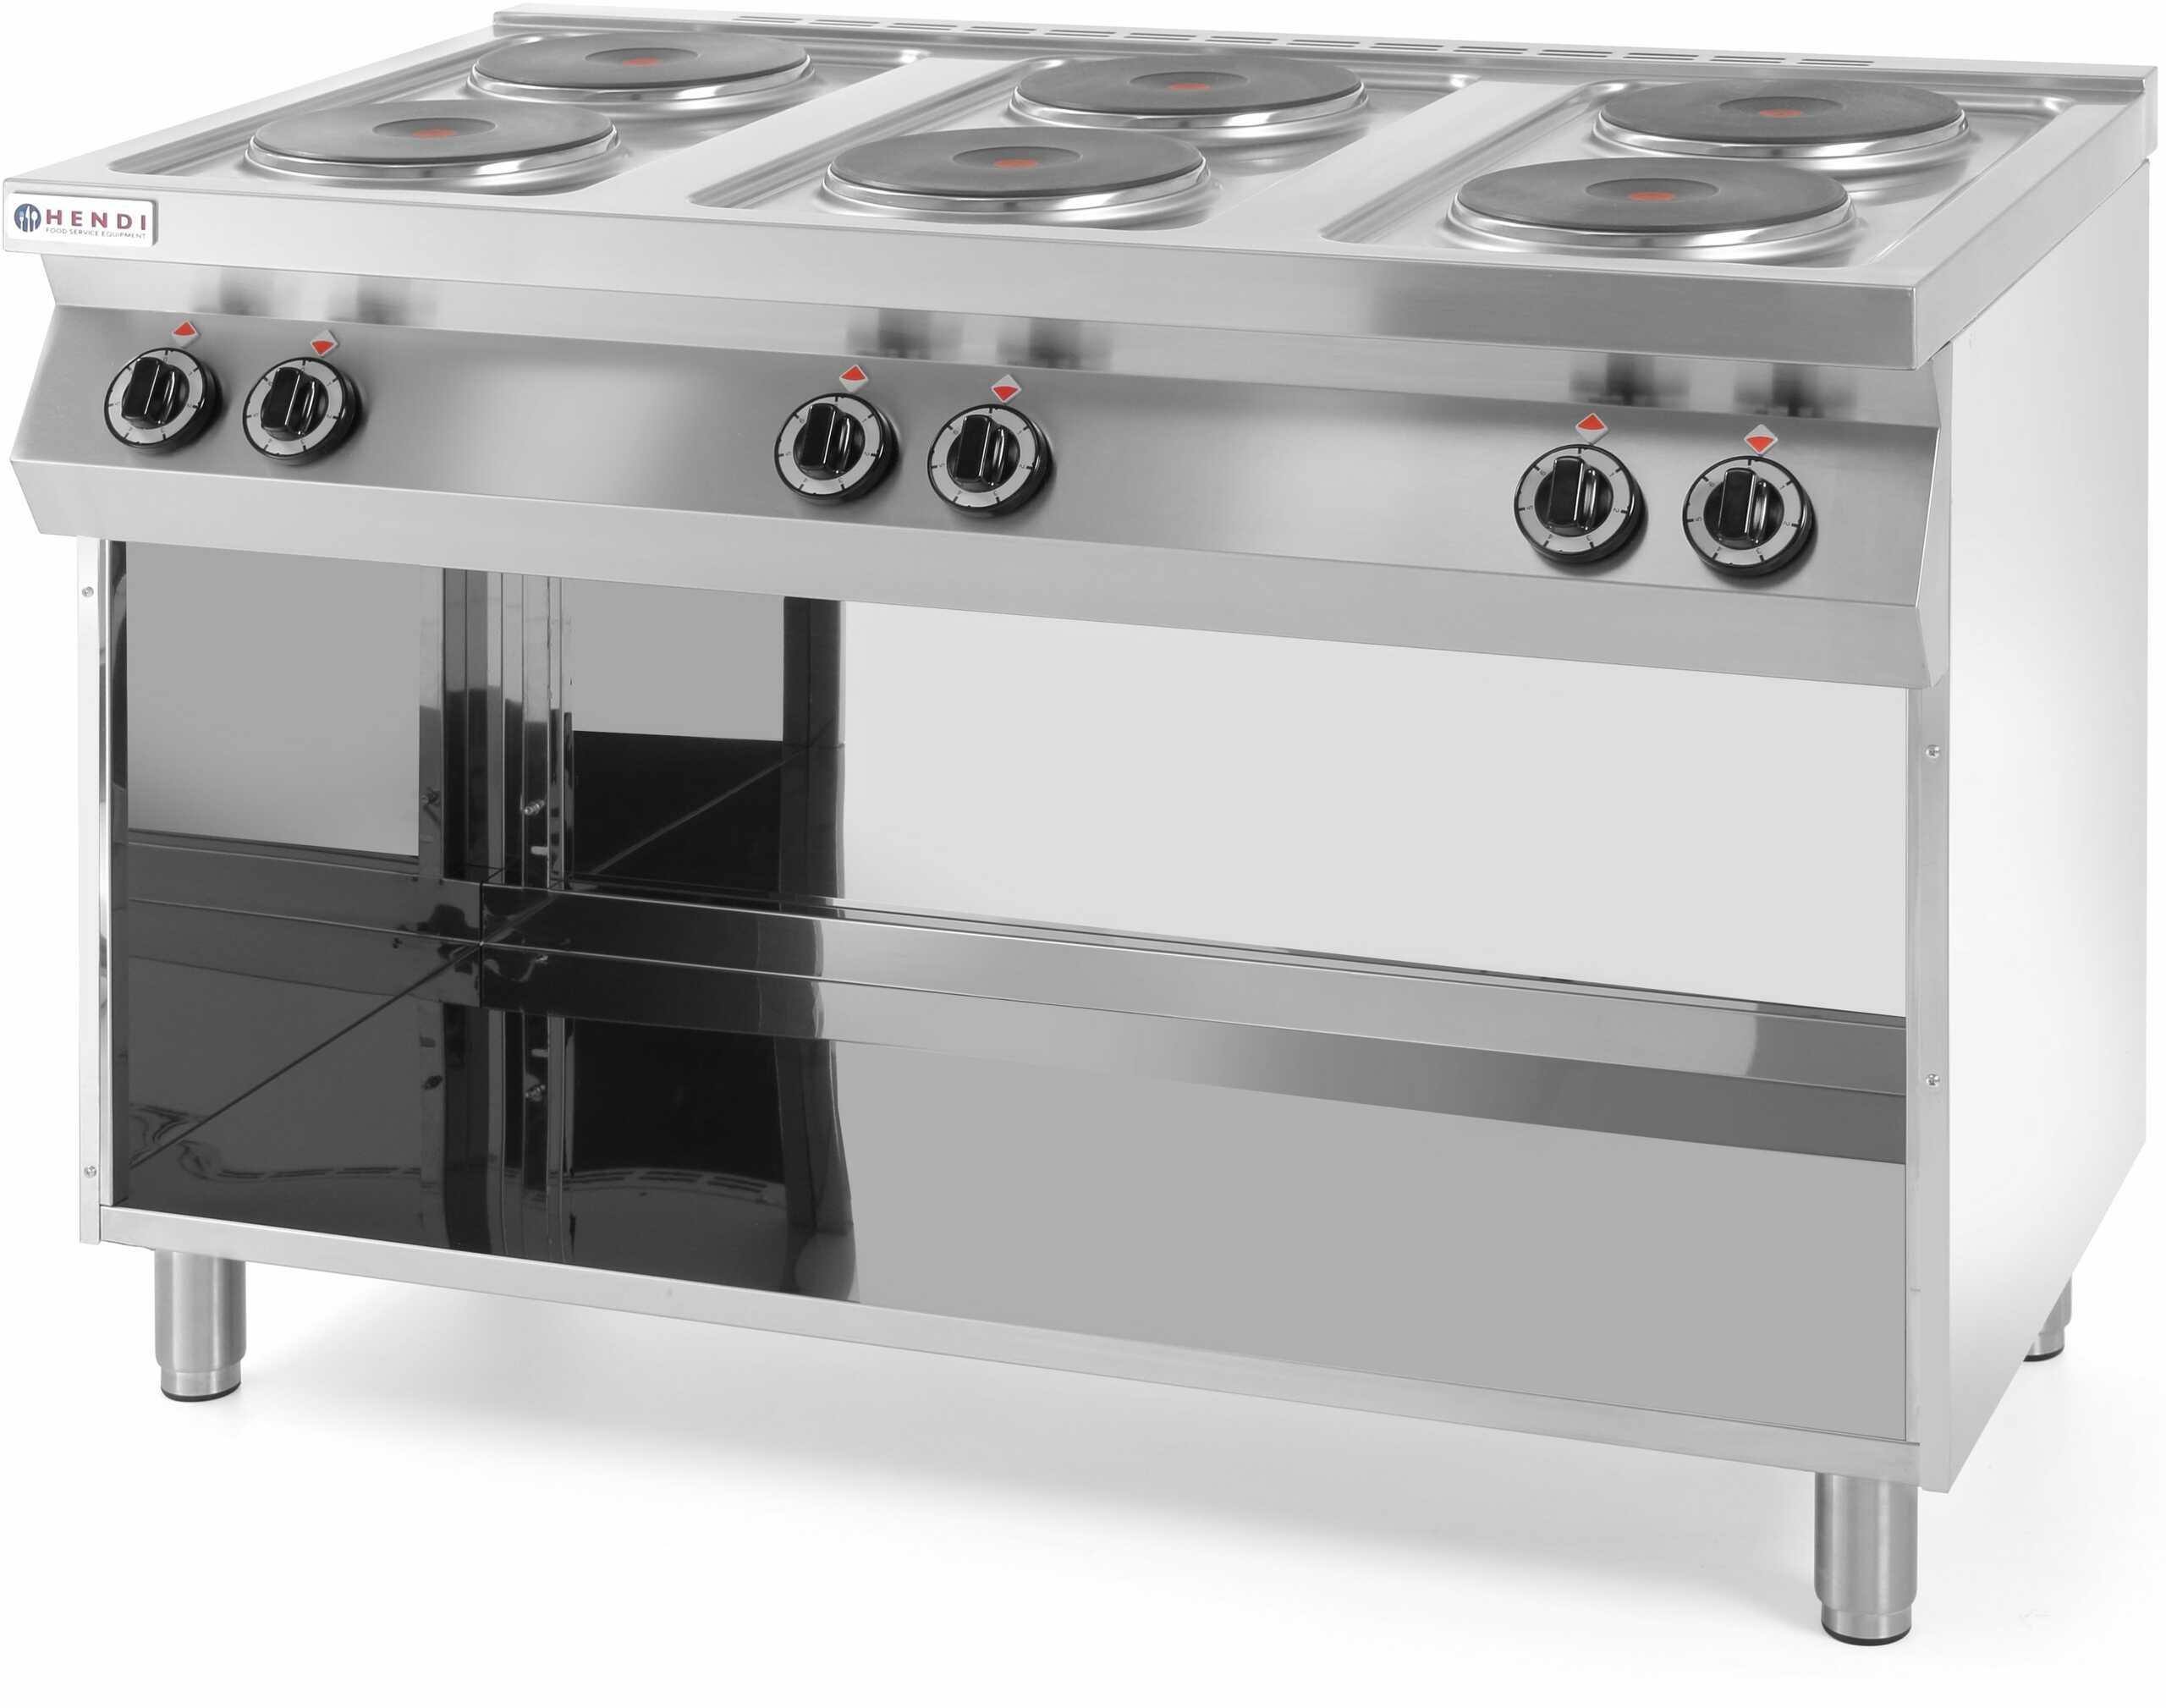 Kuchnia elektryczna 6-płytowa Kitchen Line